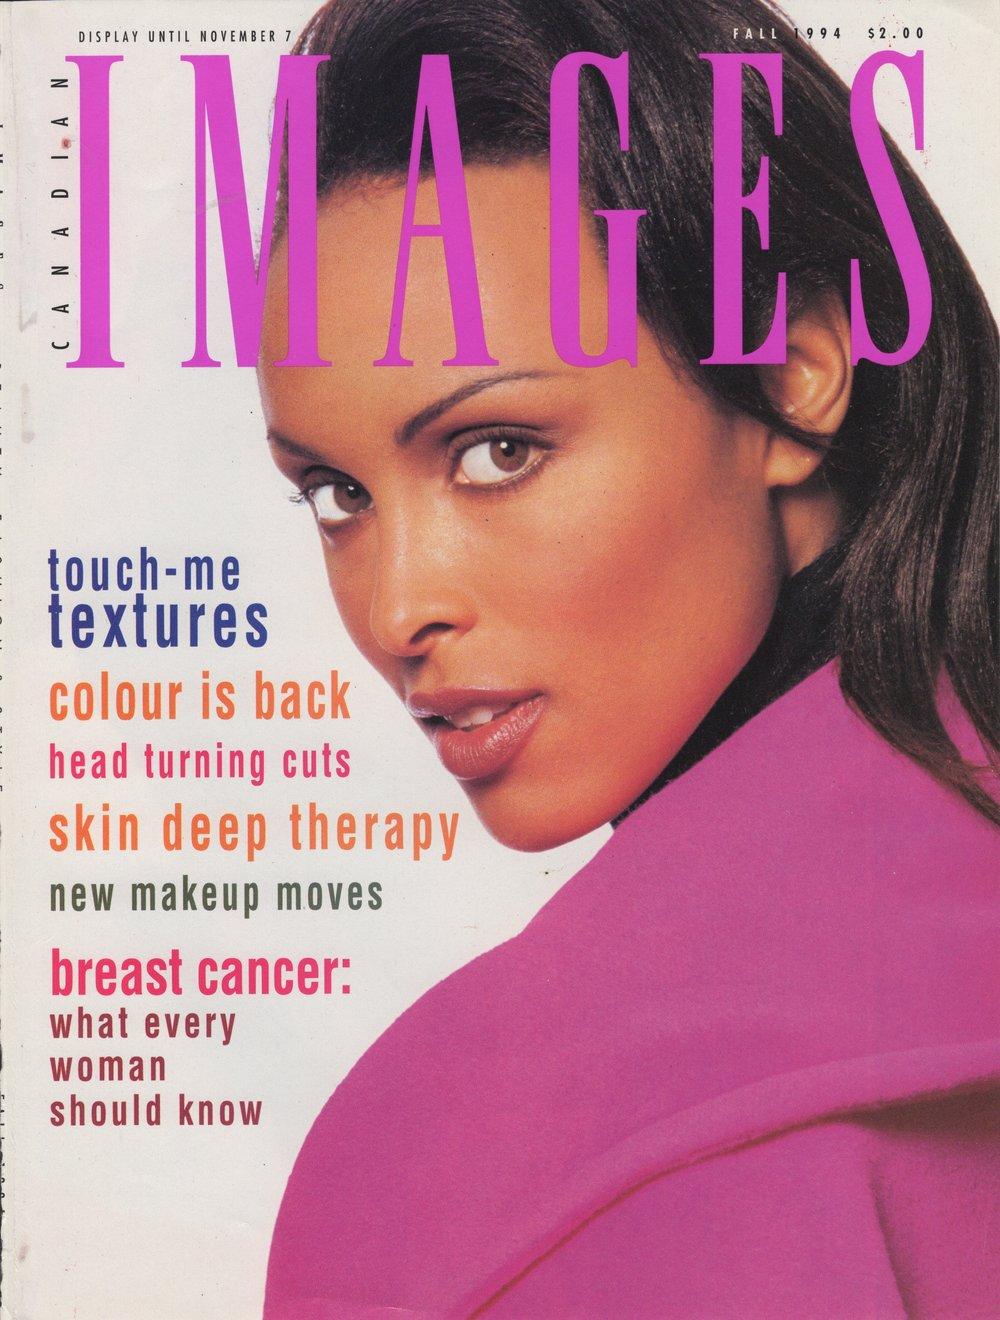 Images 2 1994 copy.jpeg